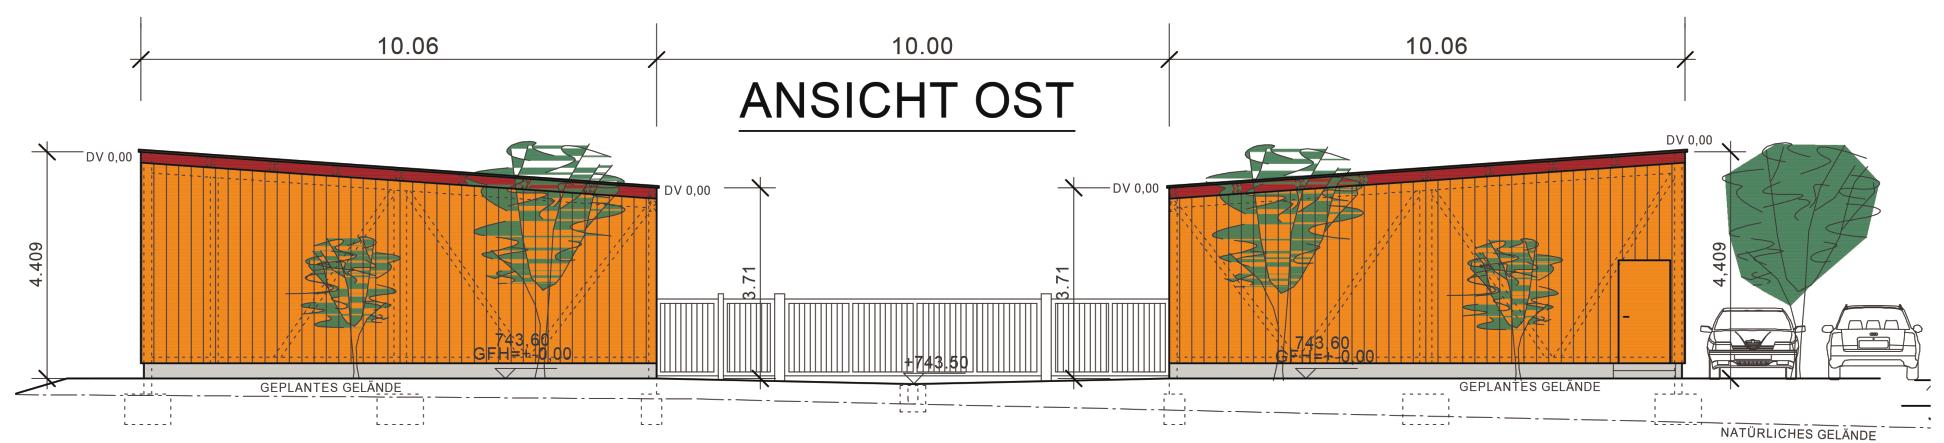 kontruktion_seite_ansicht_ost